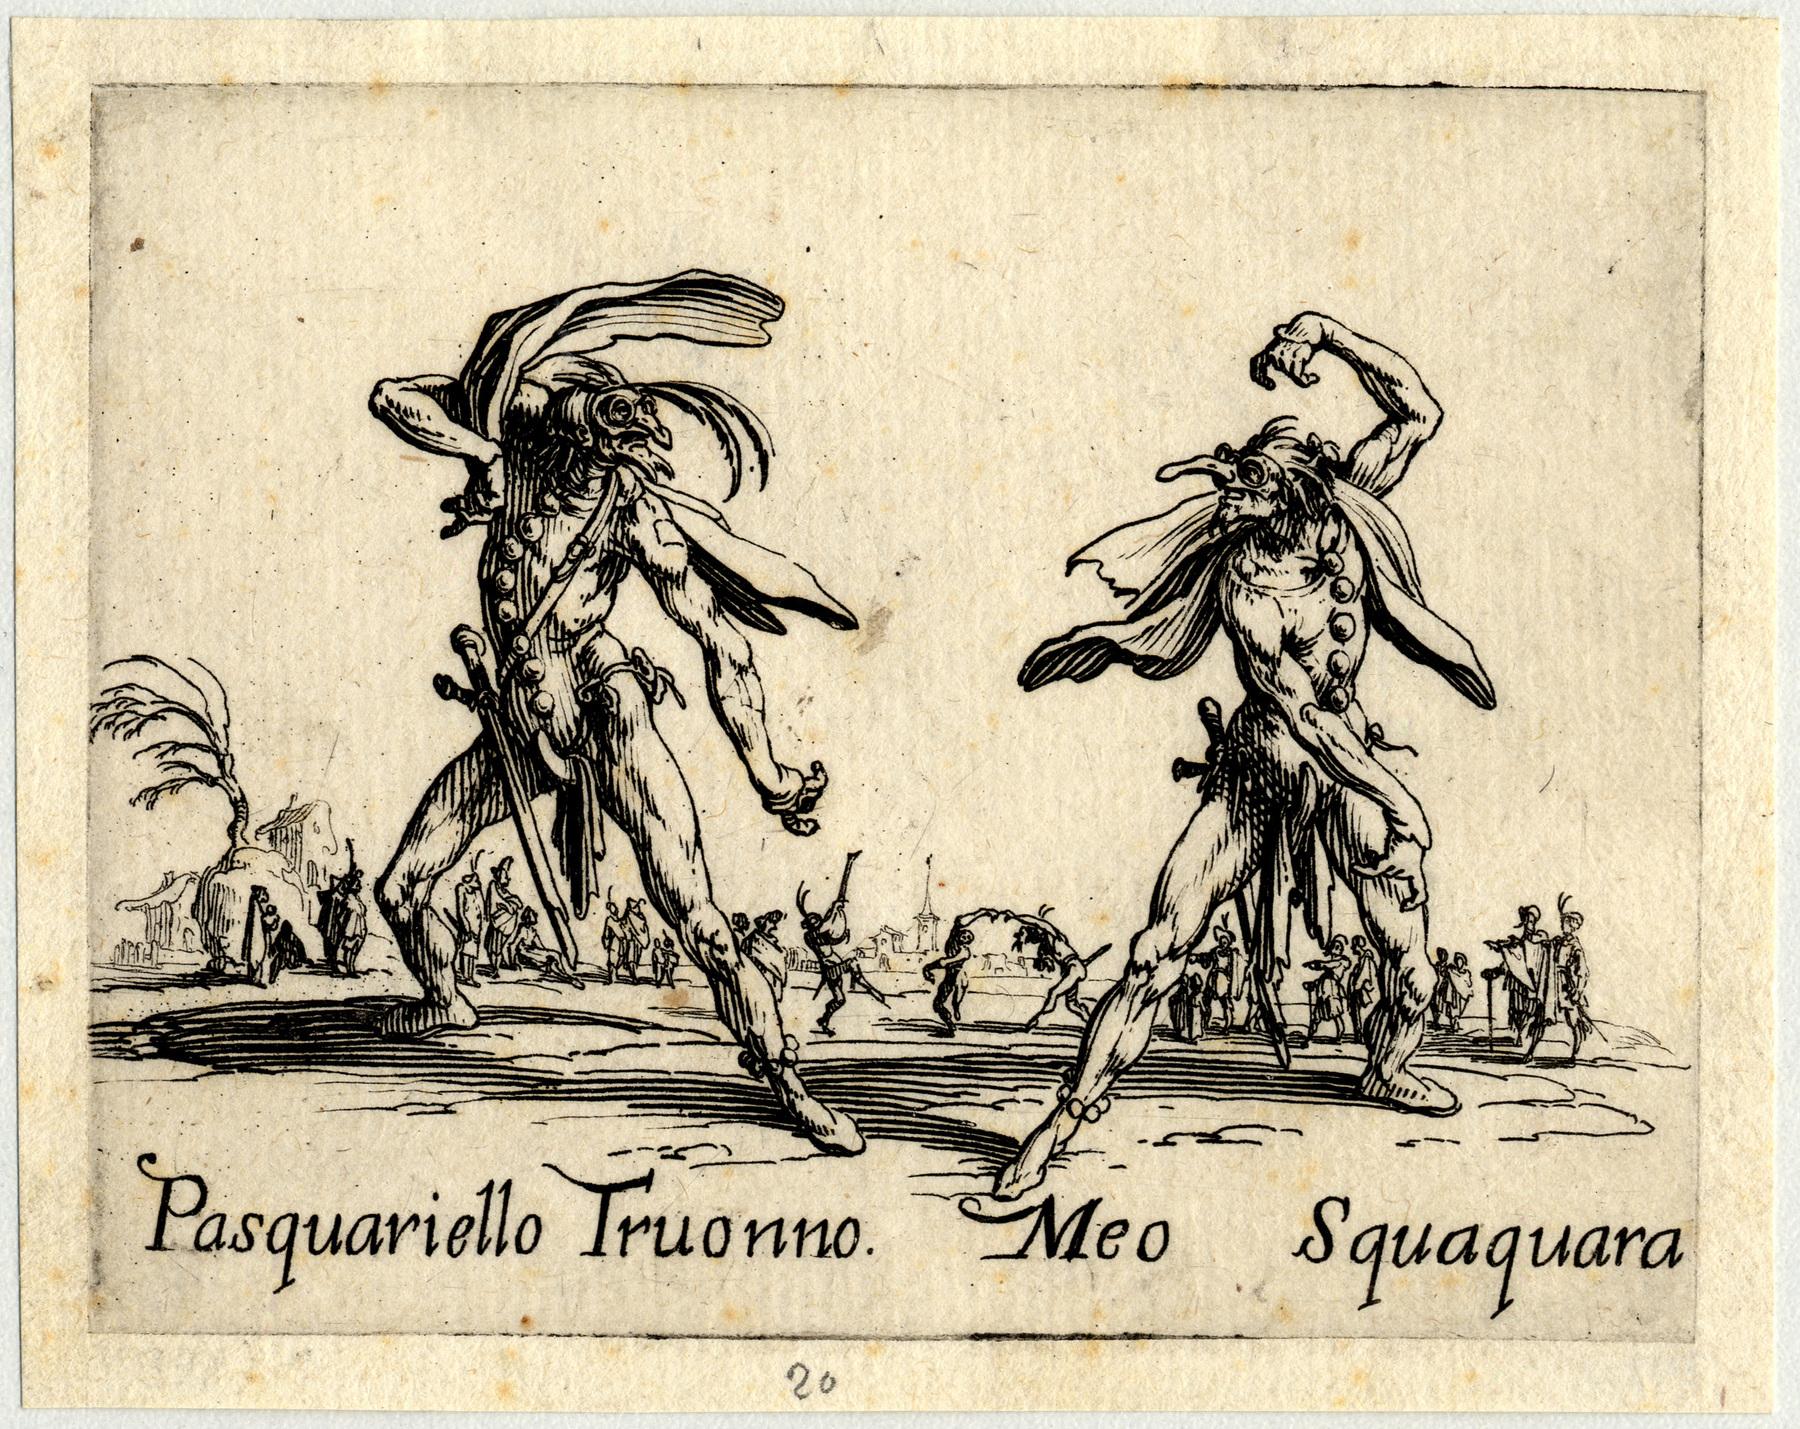 Contenu du Balli di Sfessania : Pasquariello Truonno, Meo Squaquara